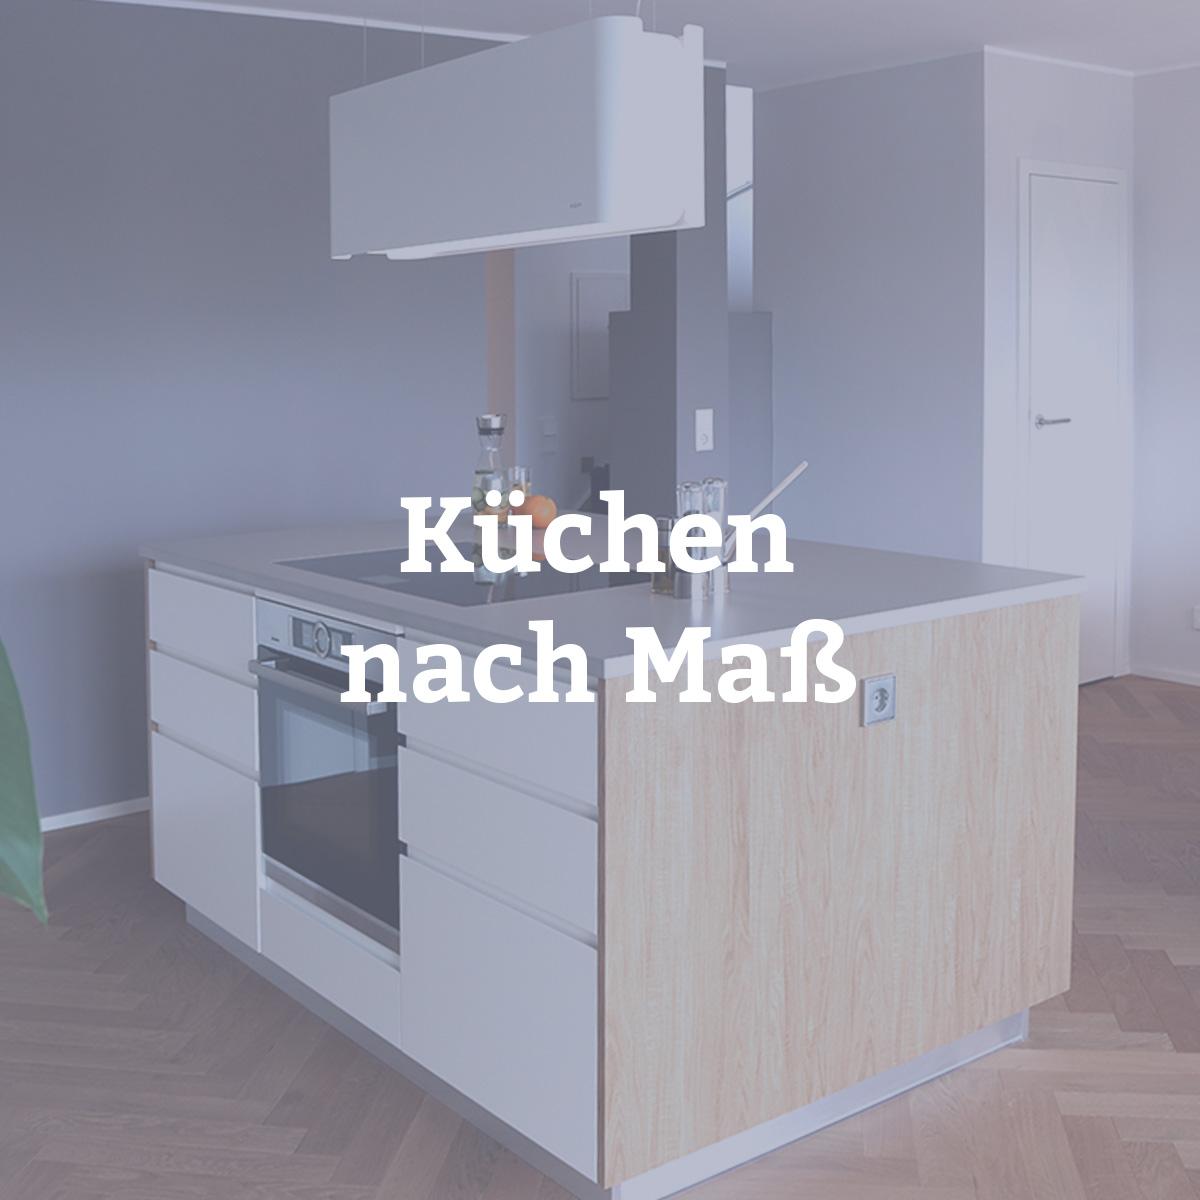 schreinerei_oliver_engelmann_ratingen_moebel_holz_kuechen_maß_teaser